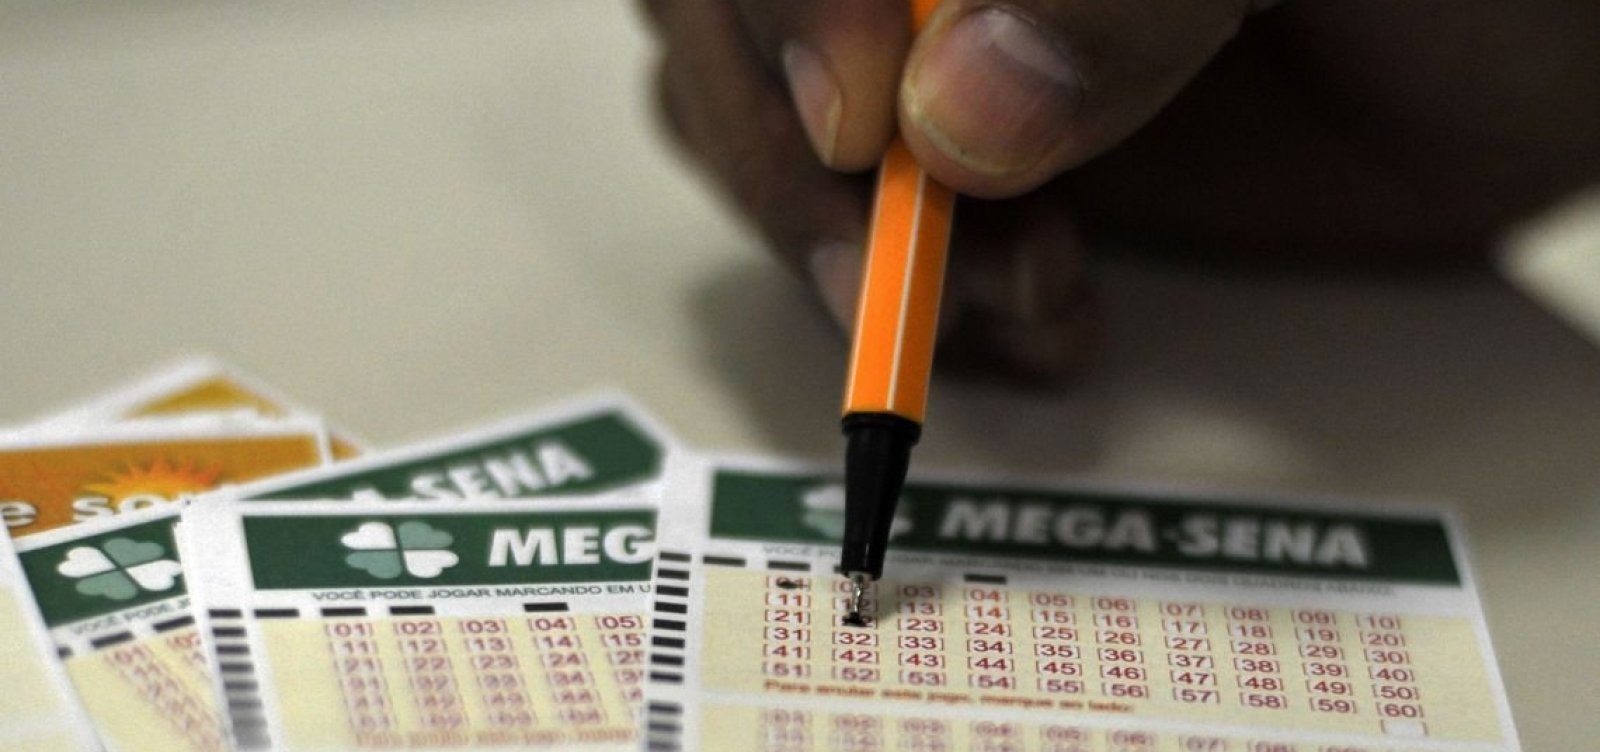 Mega-Sena: dois ganhadores dividem prêmio de R$ 23,5 milhões